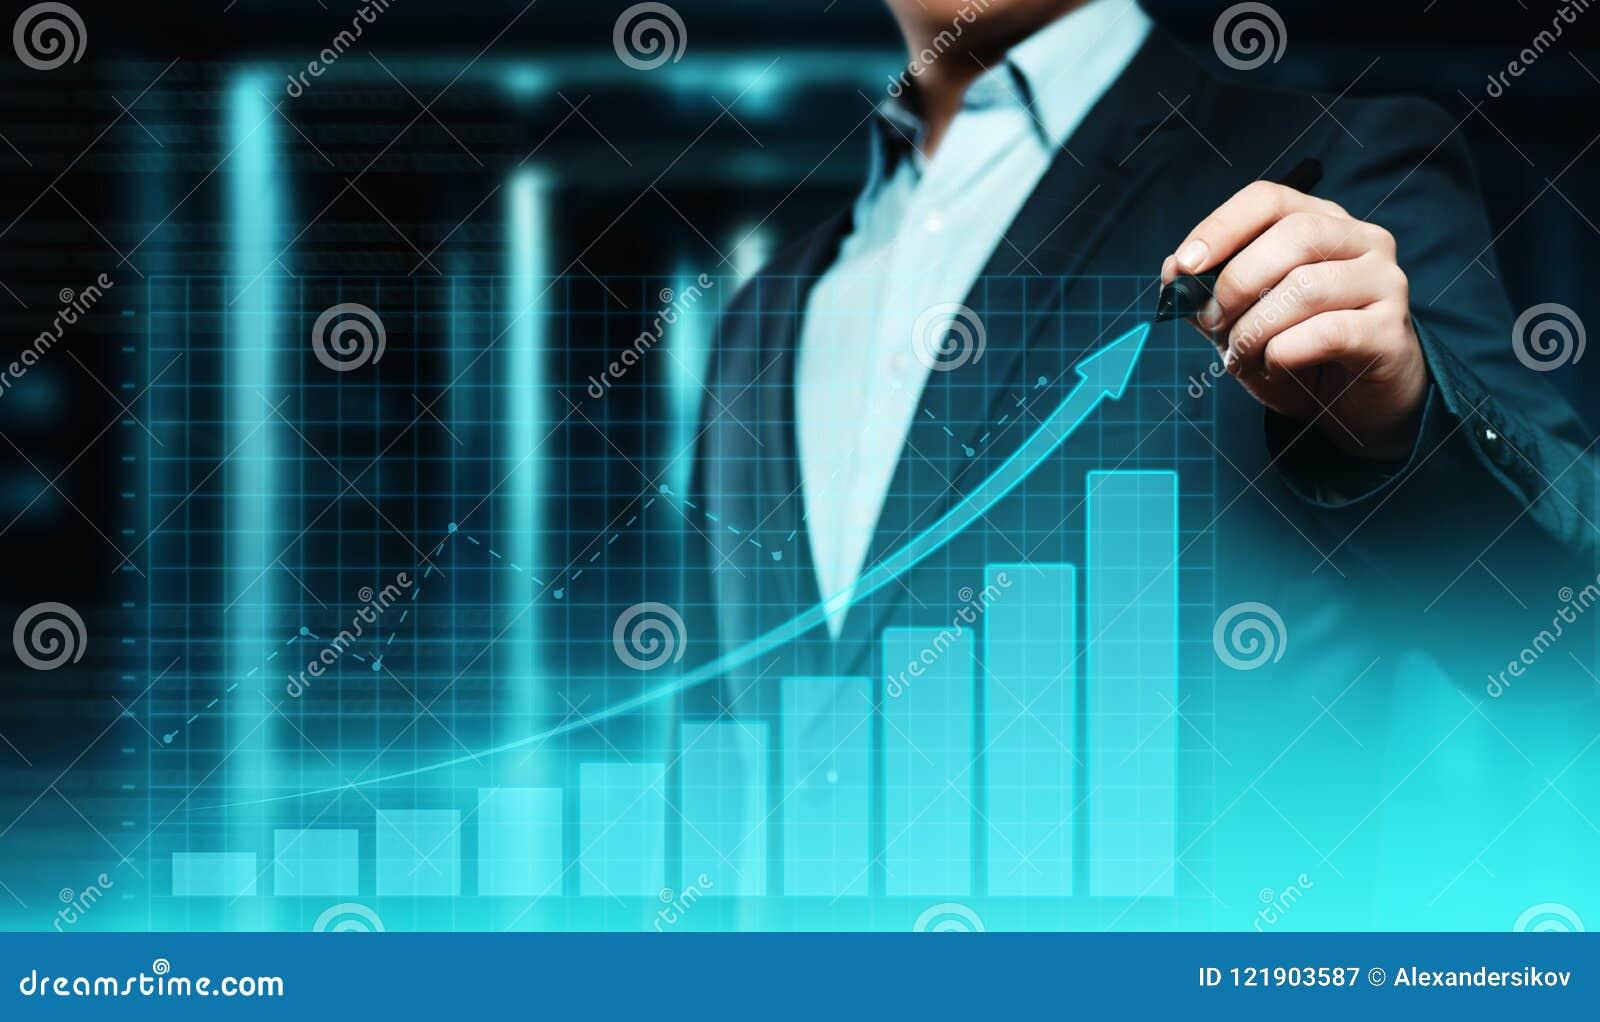 Οικονομική γραφική παράσταση Διάγραμμα χρηματιστηρίου Έννοια τεχνολογίας επιχειρησιακού Διαδικτύου επένδυσης Forex